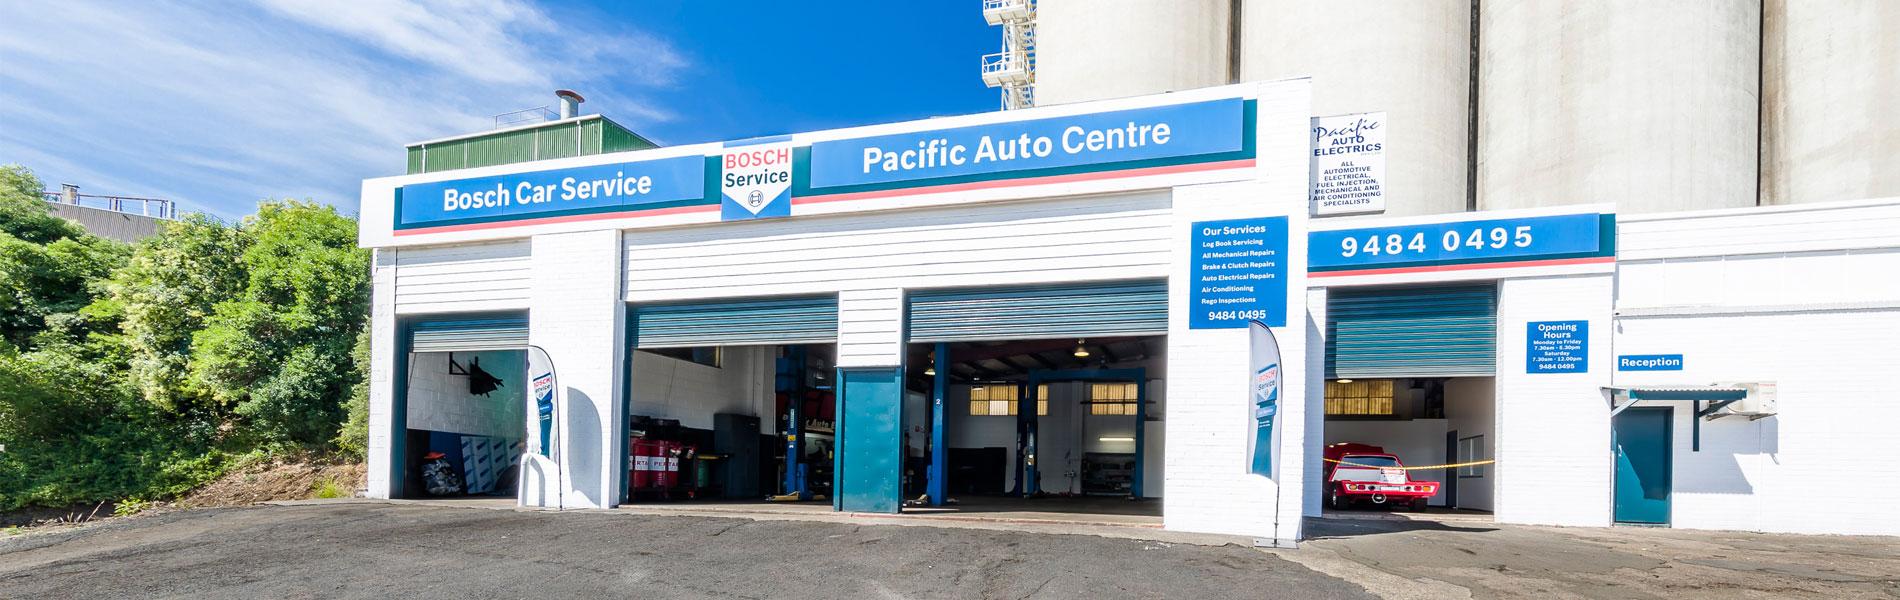 Pacific Auto center